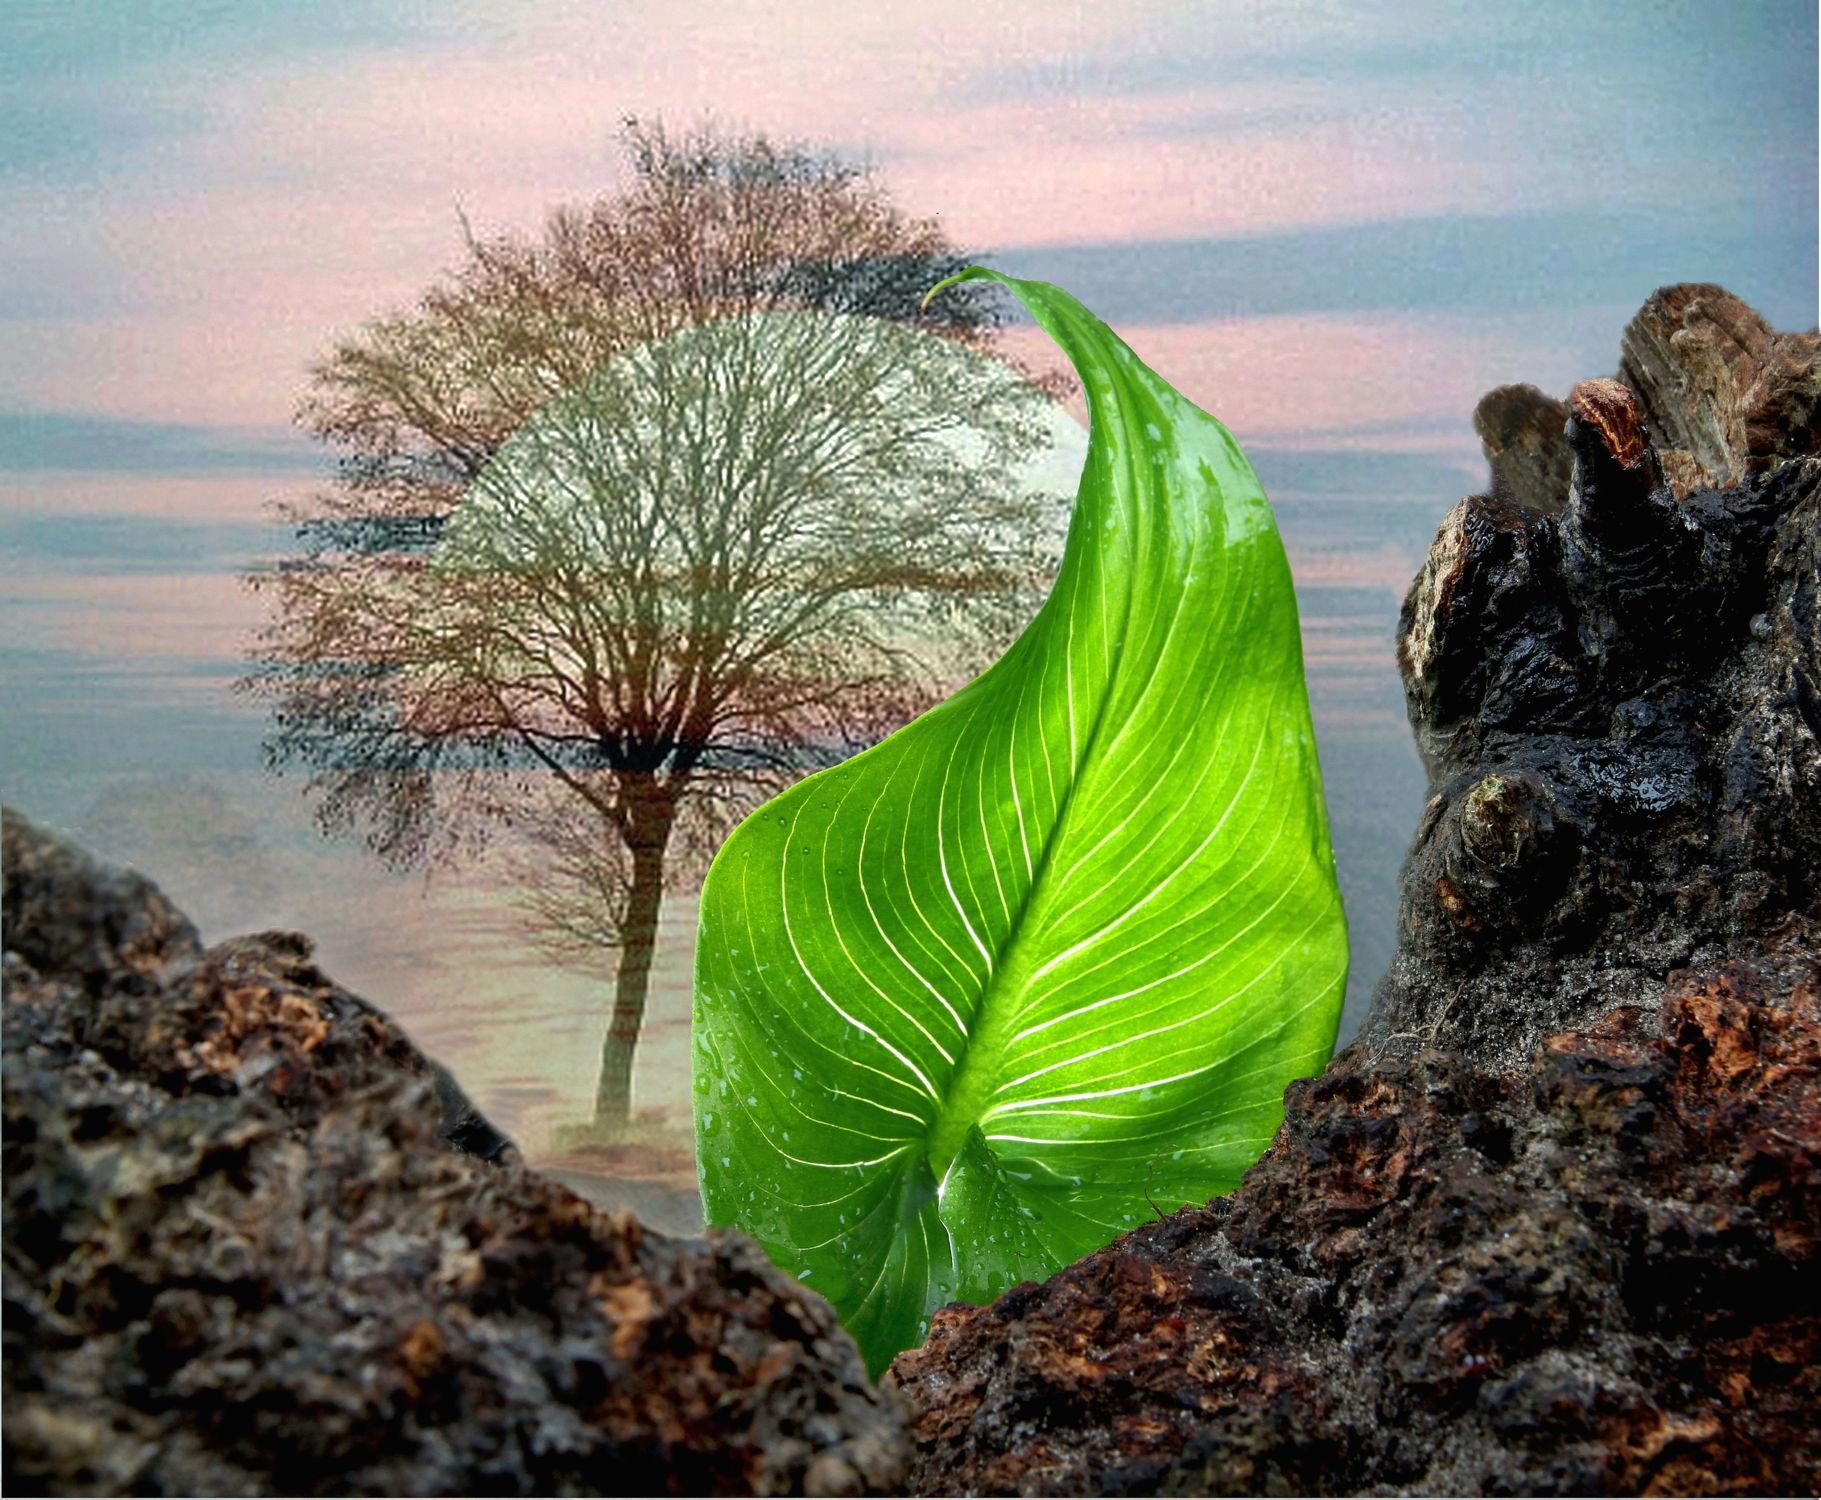 Bild mit Natur, Pflanzen, Himmel, Bäume, Wolken, Sonnenuntergang, Sonne, Baum, Blätter, Landschaft, Pflanze, Blatt, Fauna, Gebirge